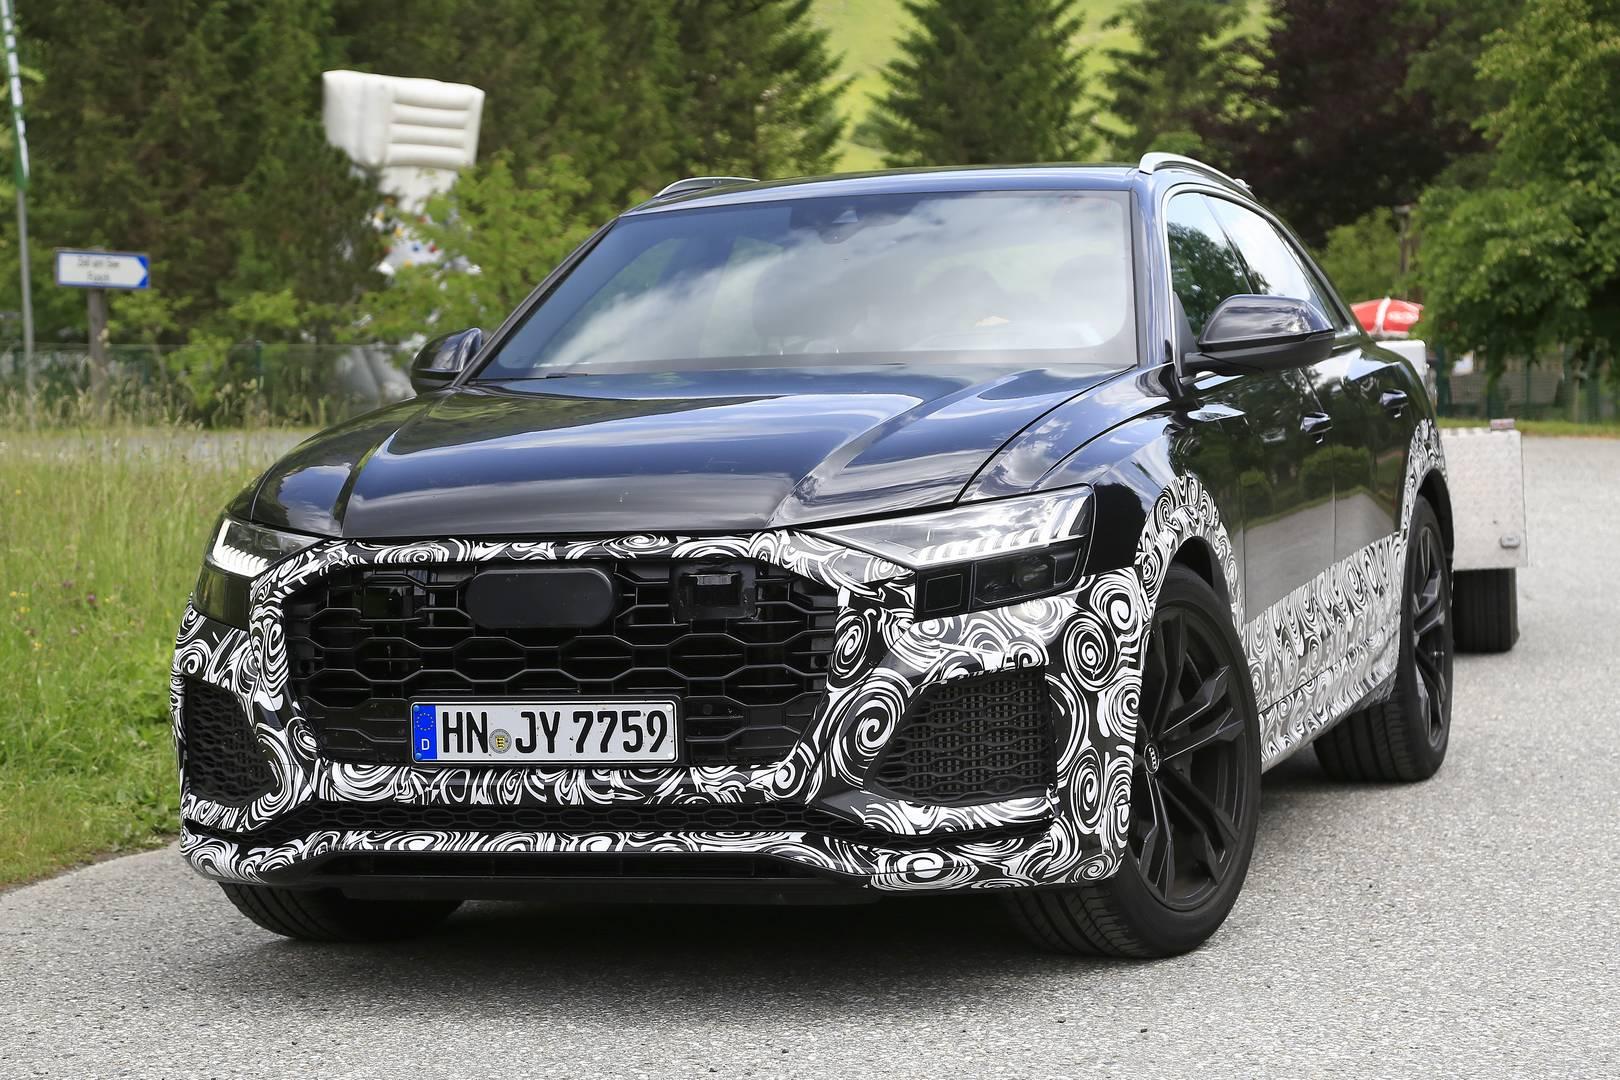 RS6, как ожидается, дебютирует в начале 2019 года, возможно, на Женевском автосалоне 2019.